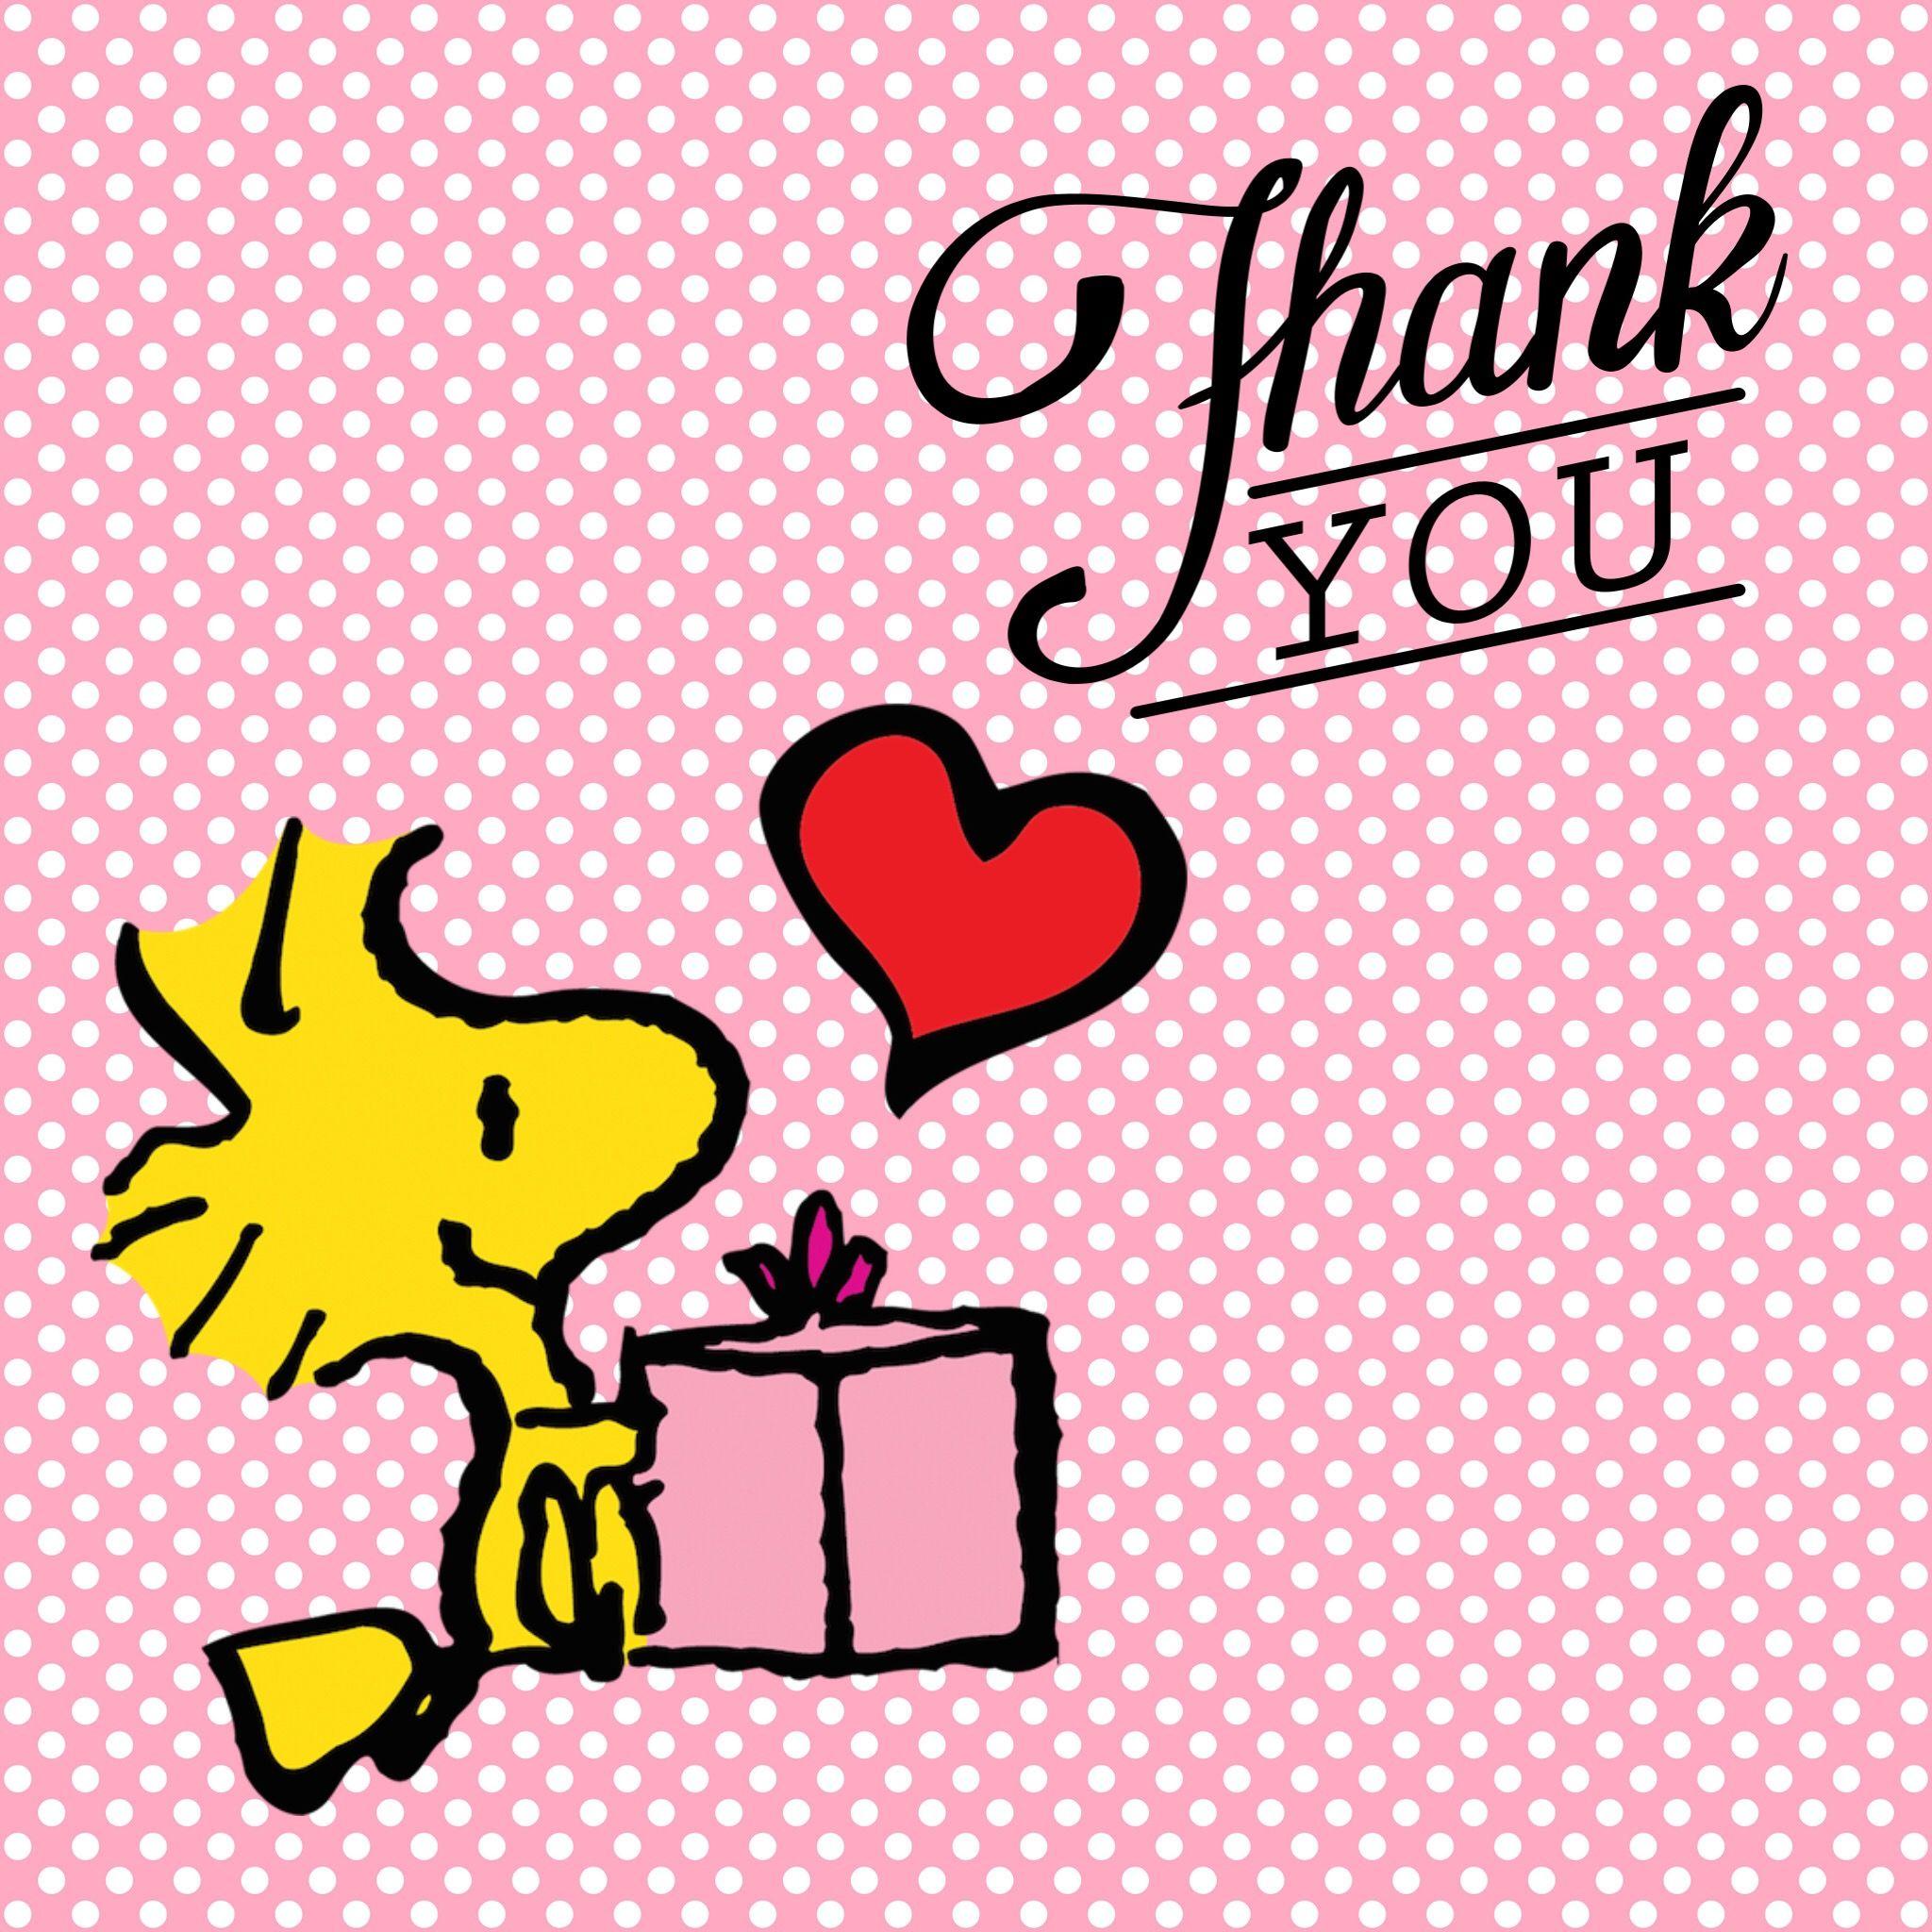 Parole Di Ringraziamento E Gratitudine Immagini